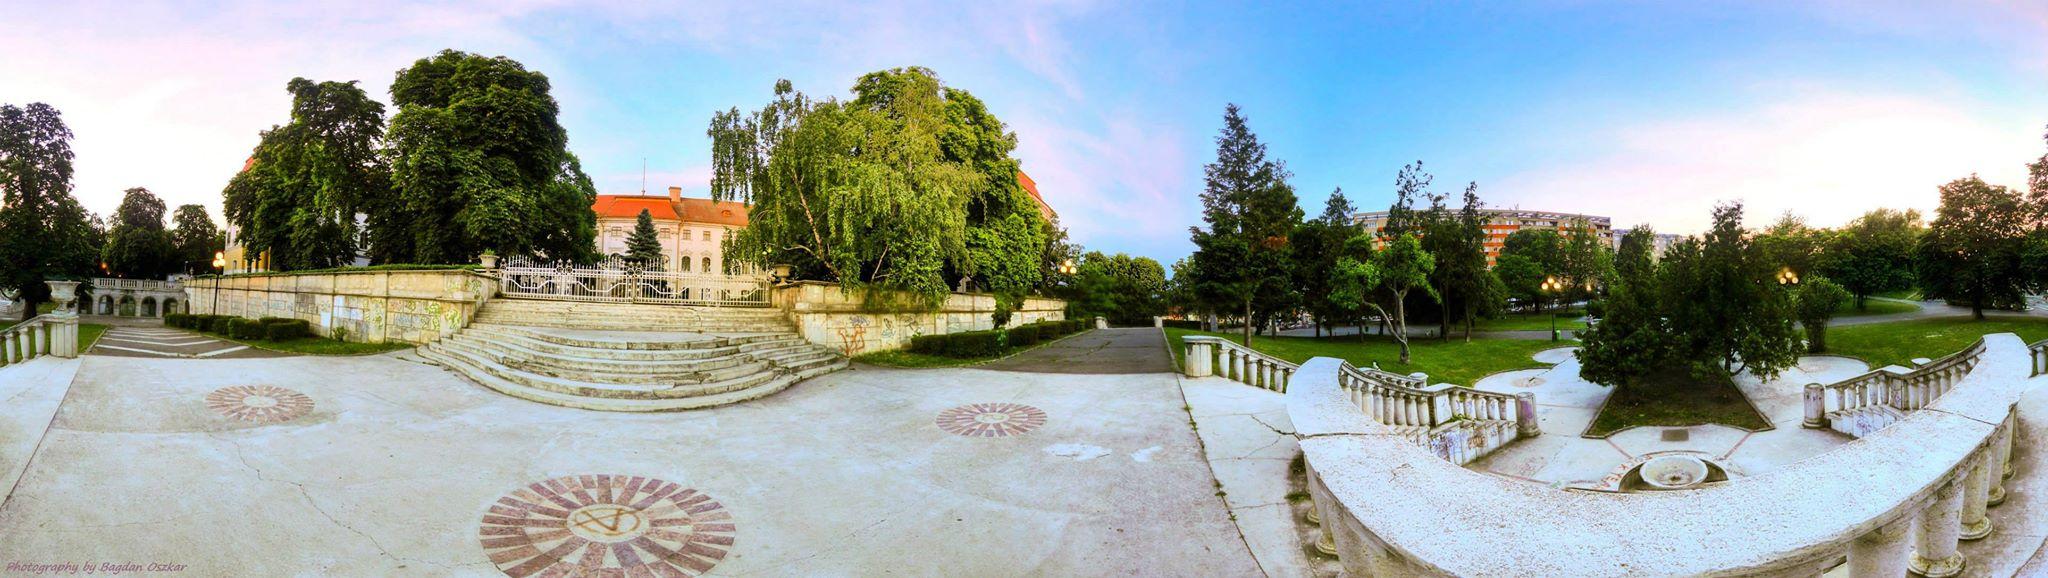 Panorama-Palatul-Baroc